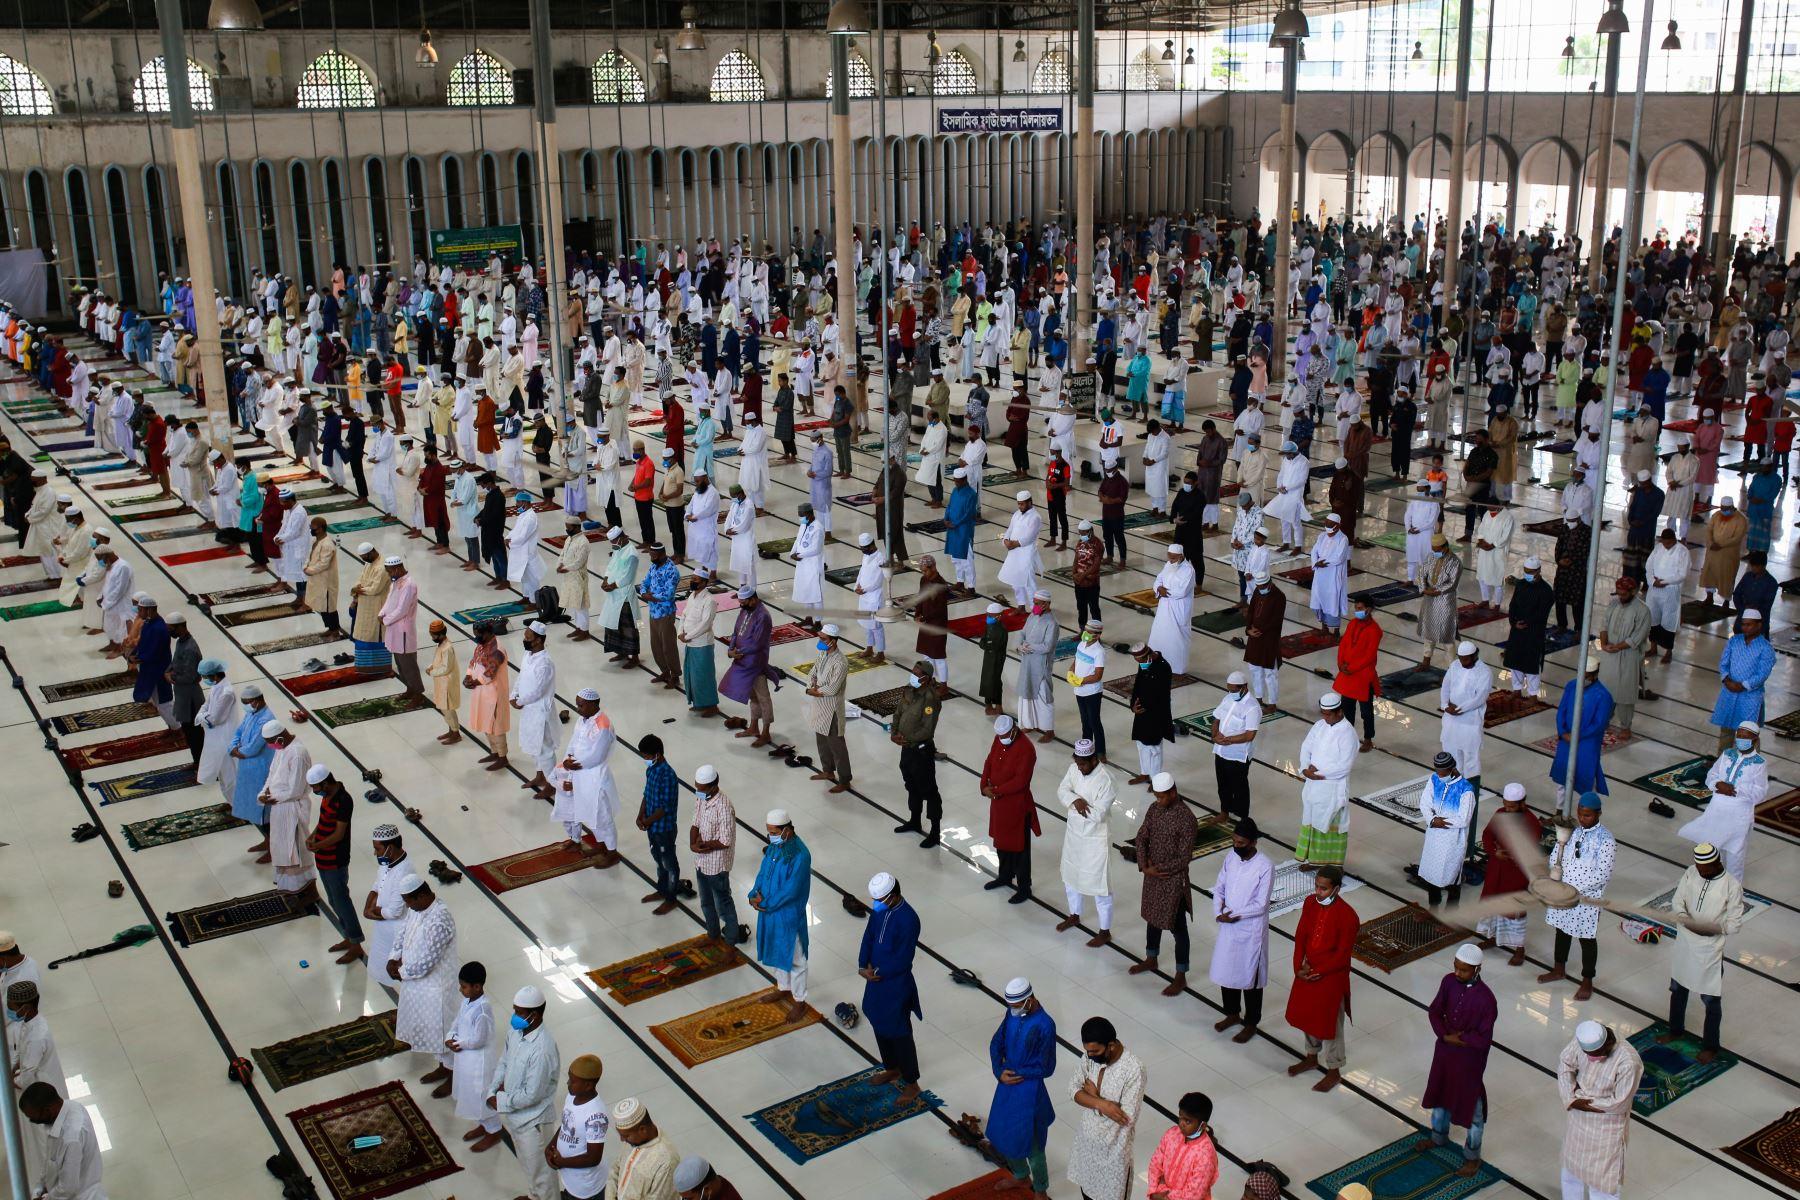 Los devotos musulmanes ofrecen una oración especial en la Mezquita Nacional de Baitul Mukarram para comenzar el festival Eid-al-Fitr que marca el final del mes de ayuno islámico del Ramadán en Dhaka. Foto: AFP